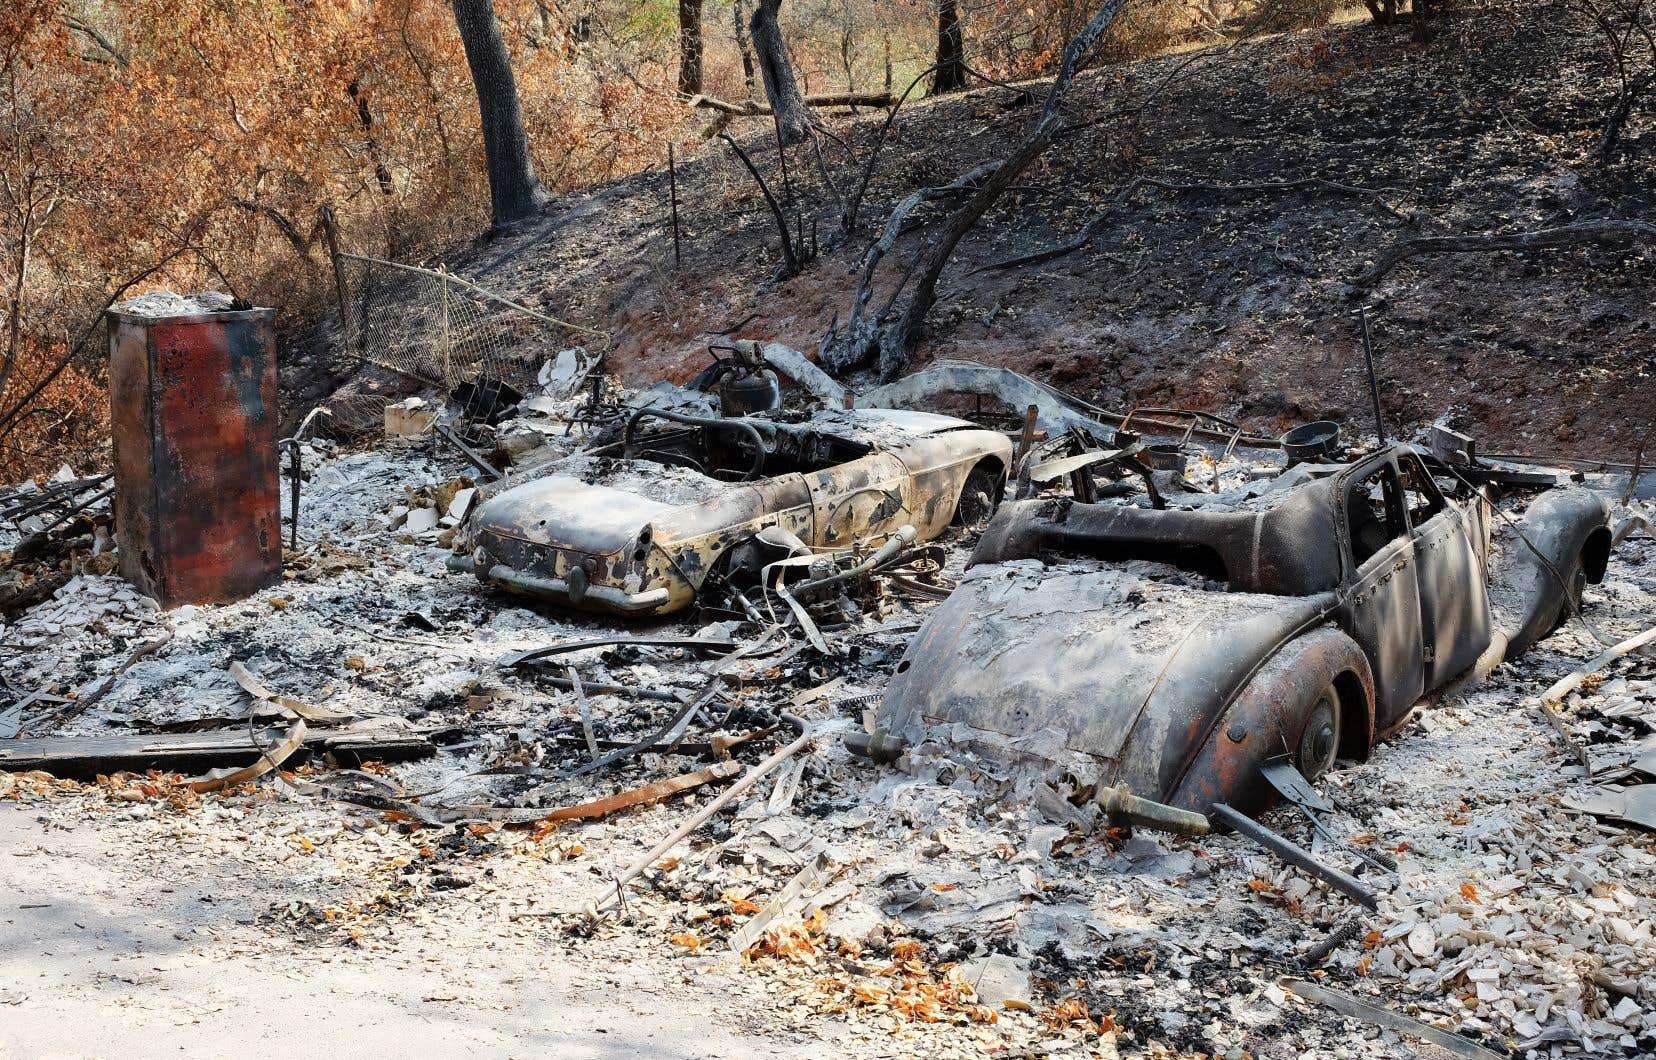 C'est dans les régions vinicoles de Sonoma et de Napa, mais aussi du comté de Solano (sur la photo), qu'a sévi le quatrième incendie en importance de l'histoire de la Californie et qu'on a essuyé les plus lourdes pertes humaines et matérielles.